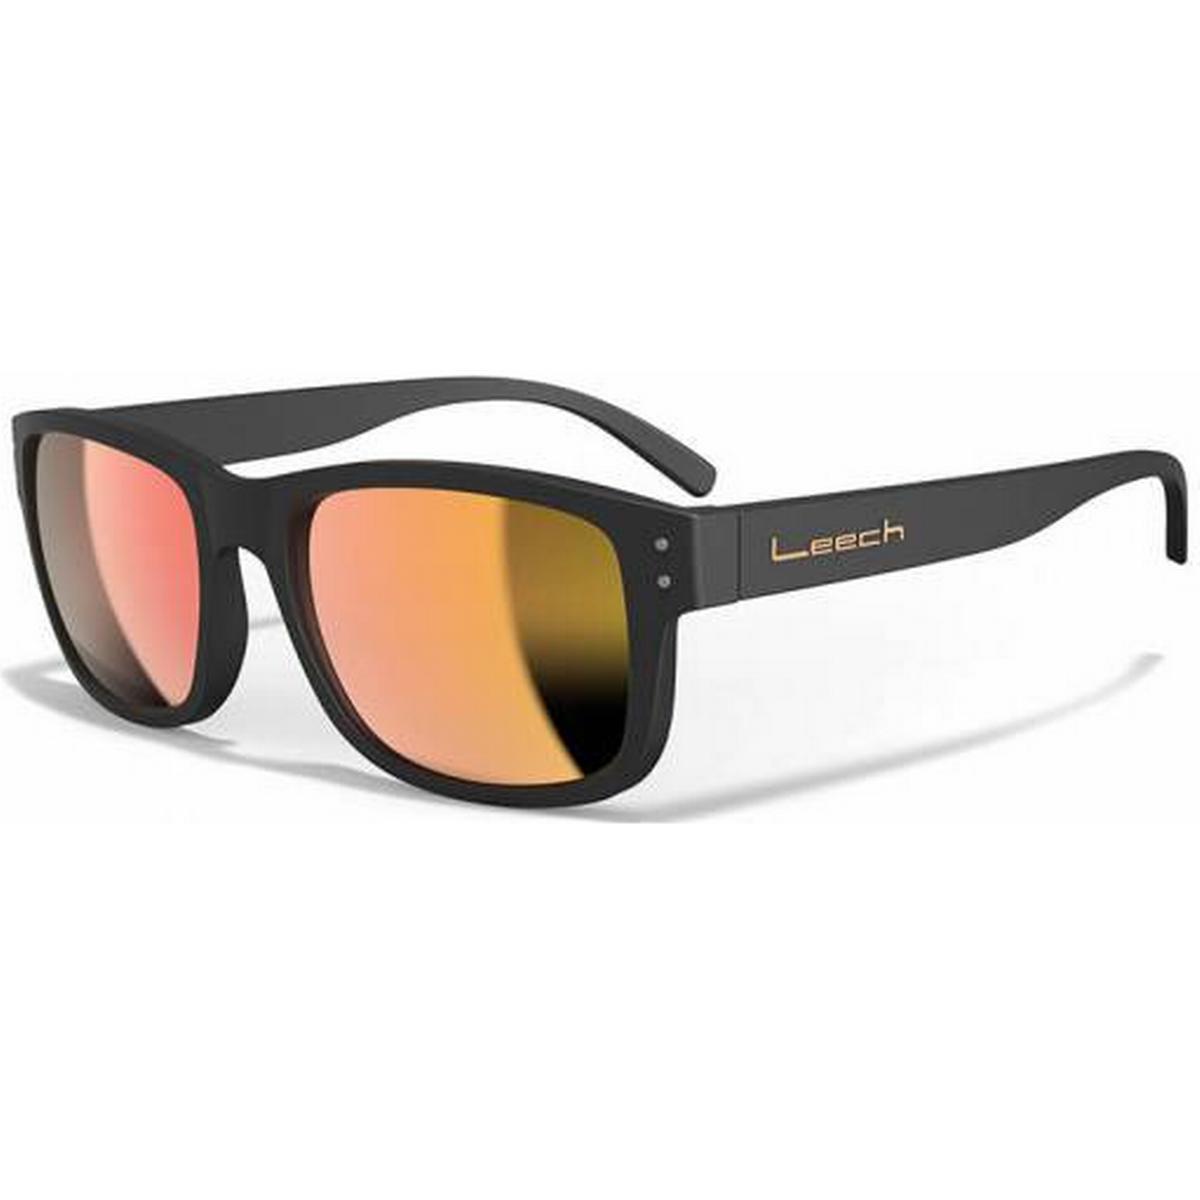 ebe42e244 Leech Polariseret Solbriller - Sammenlign priser hos PriceRunner